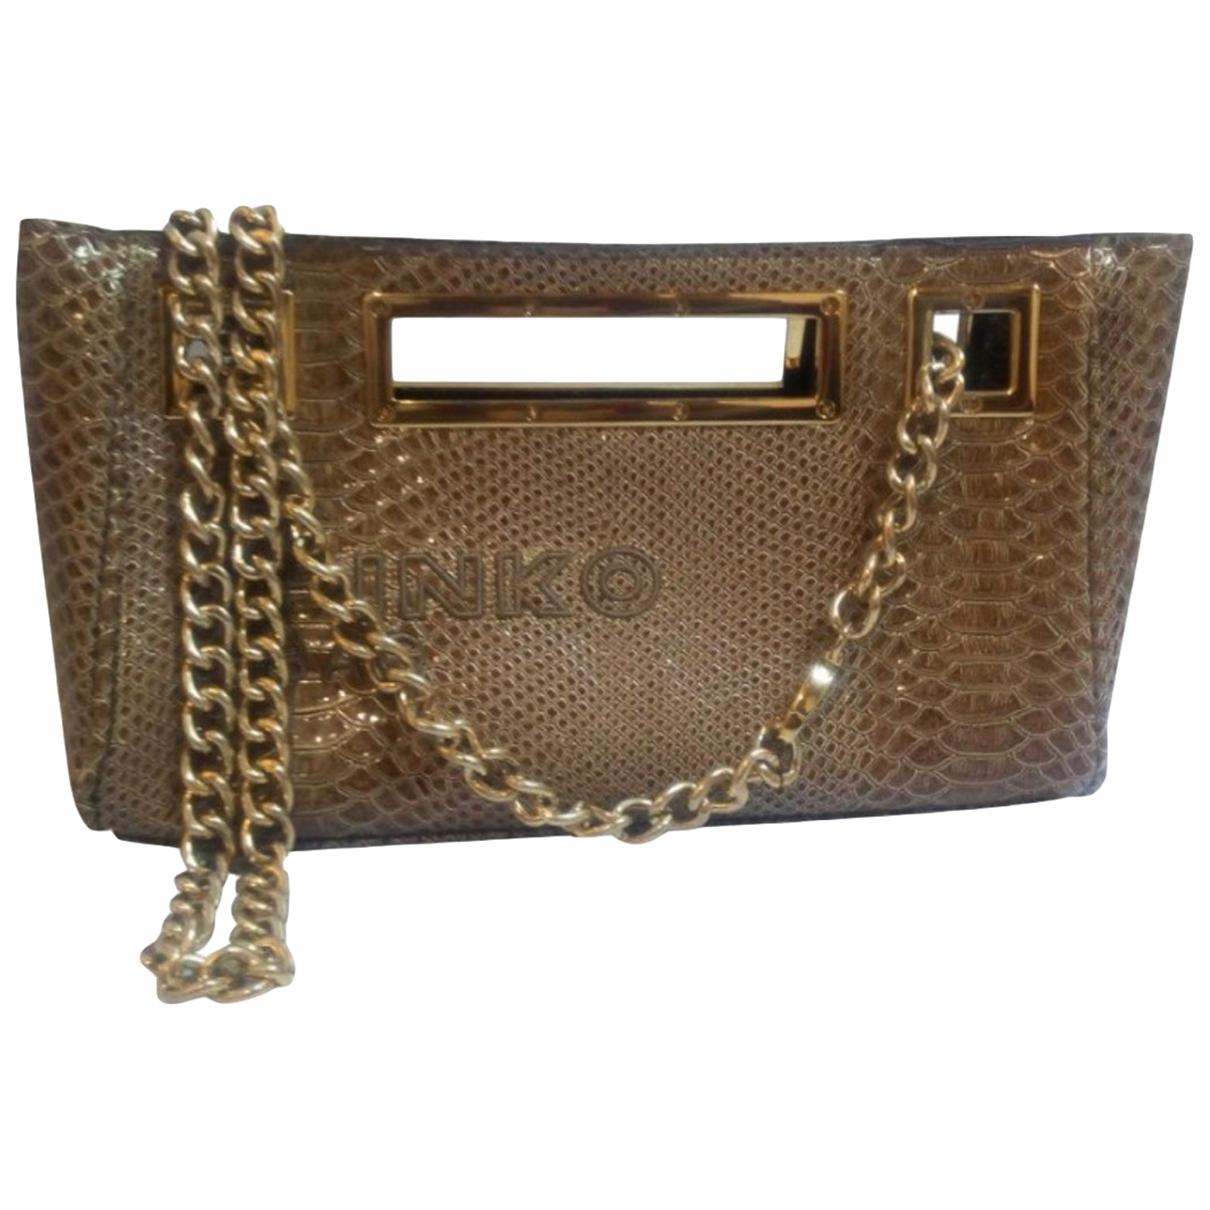 Pinko \N Beige Clutch bag for Women \N